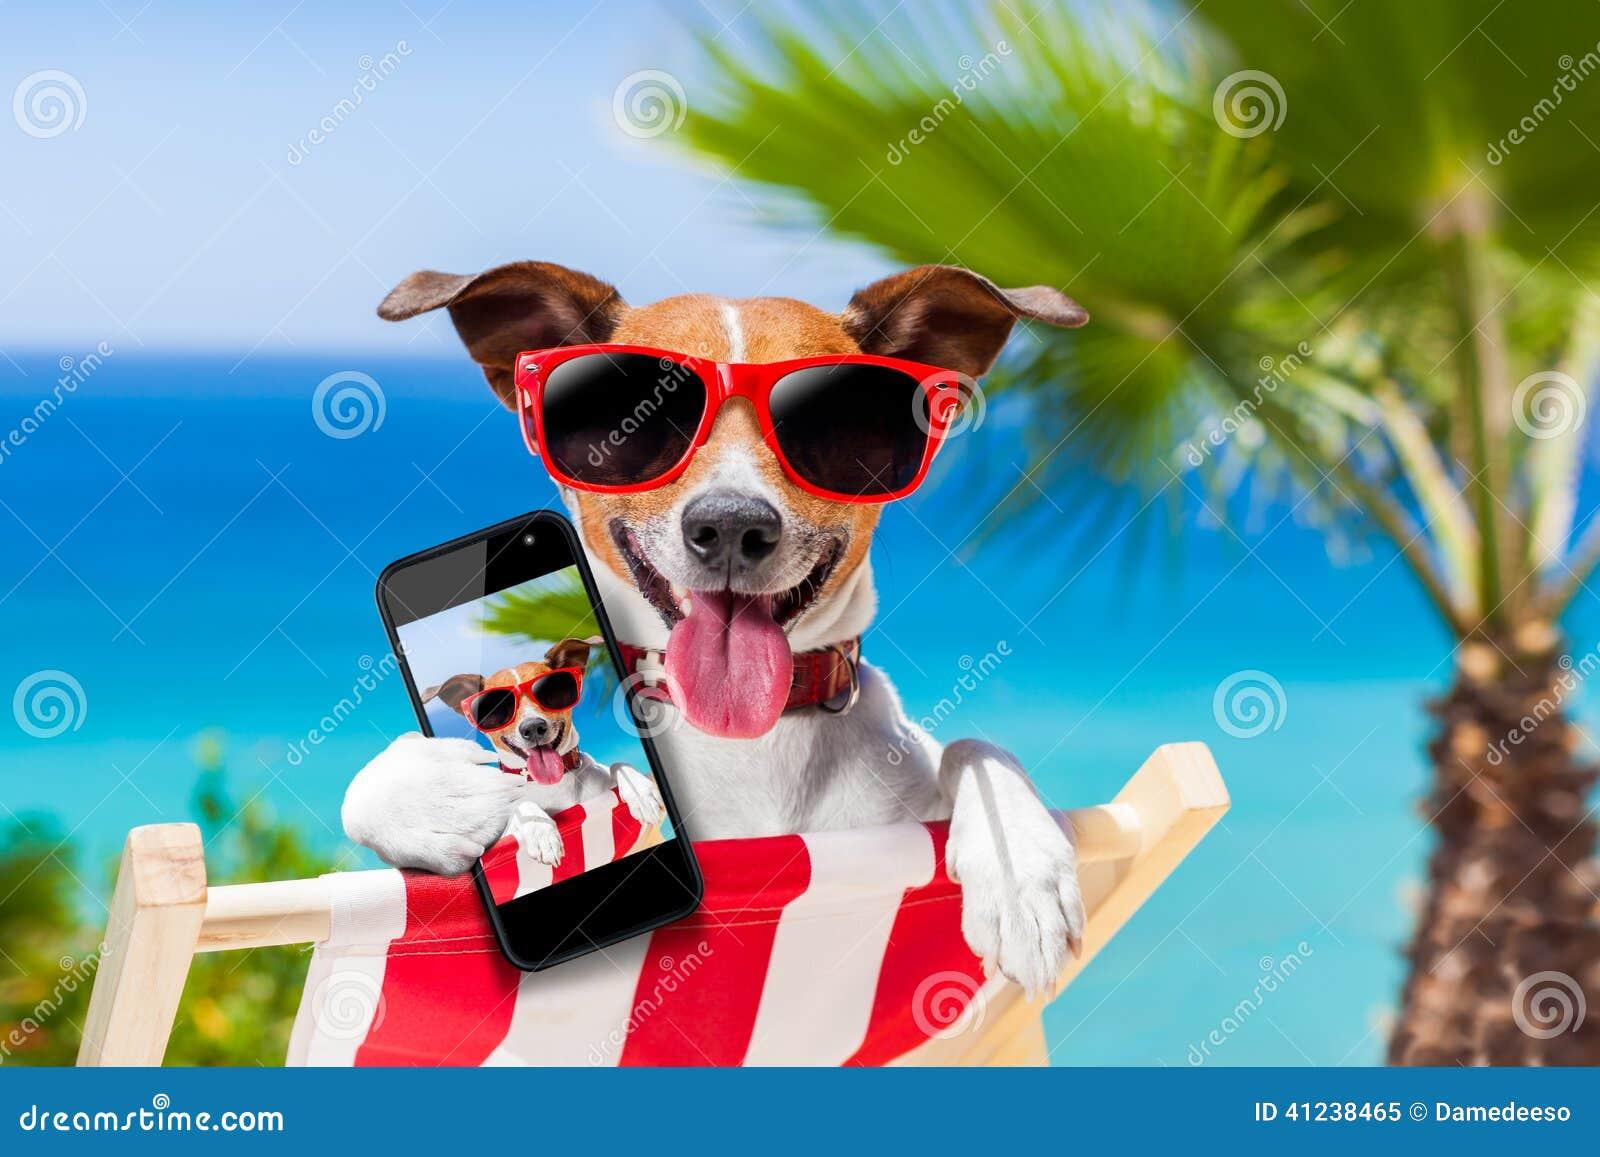 夏天selfie狗